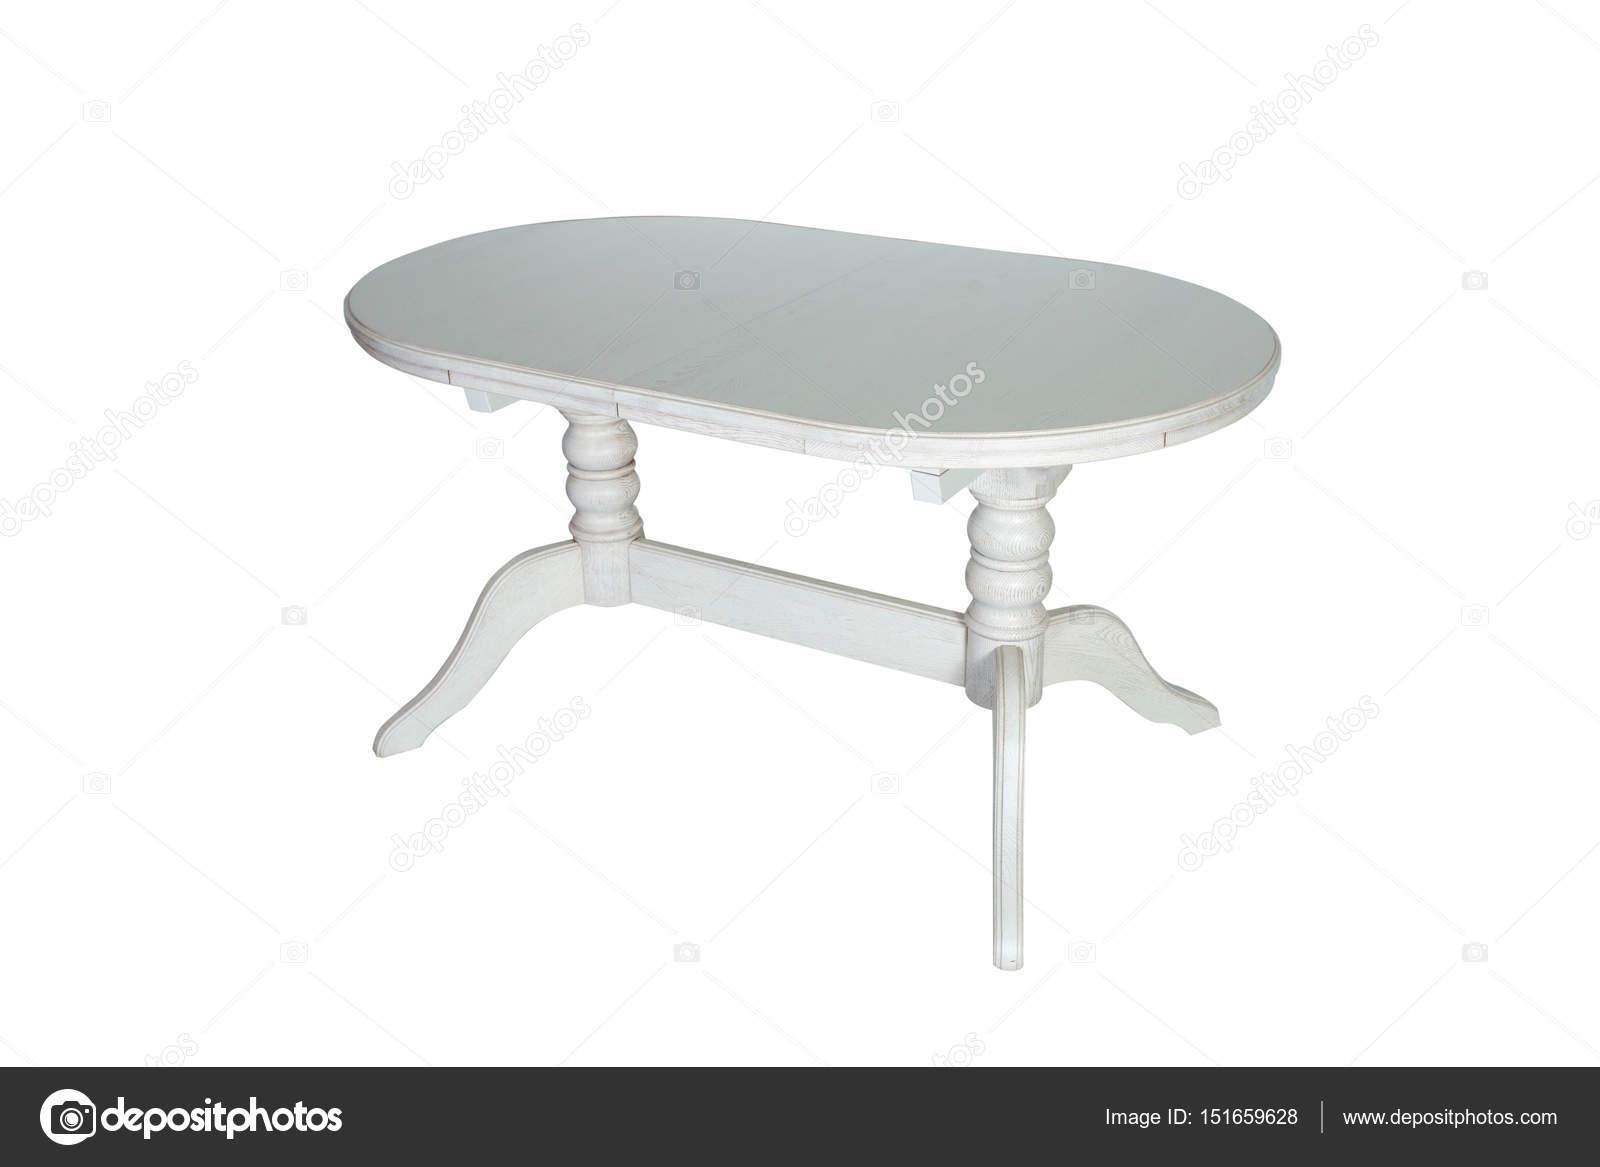 Meubilair witte ronde houten tafel geïsoleerd op witte